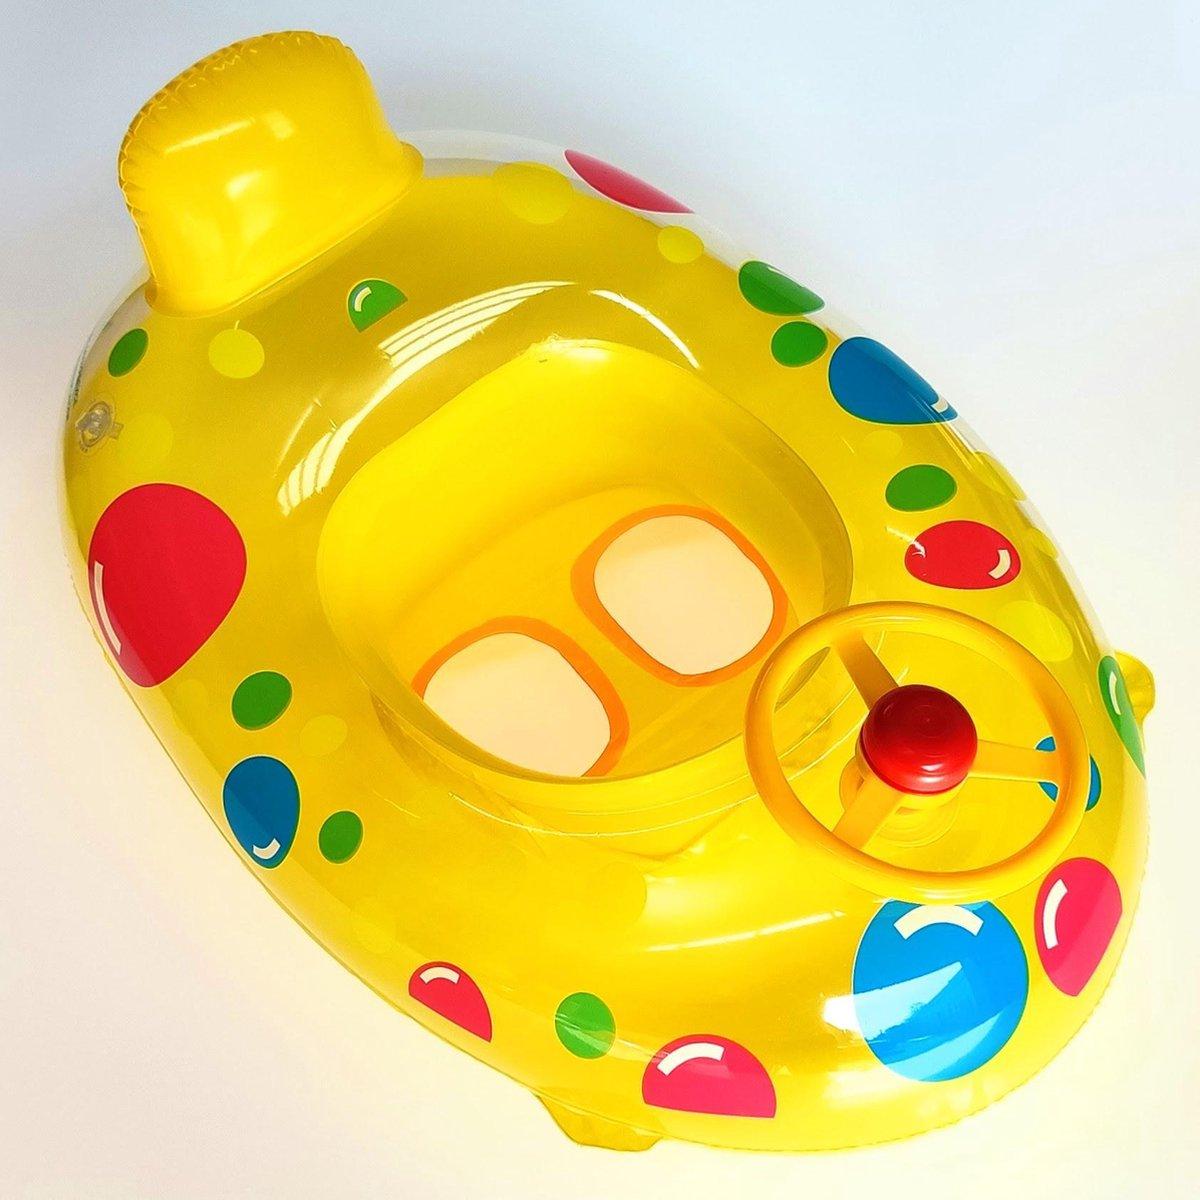 Jobber Playground Baby Float Deluxe - Baby Zwemband Bootje - Rubber boot - Incl. Toeter Stuur - 65CM